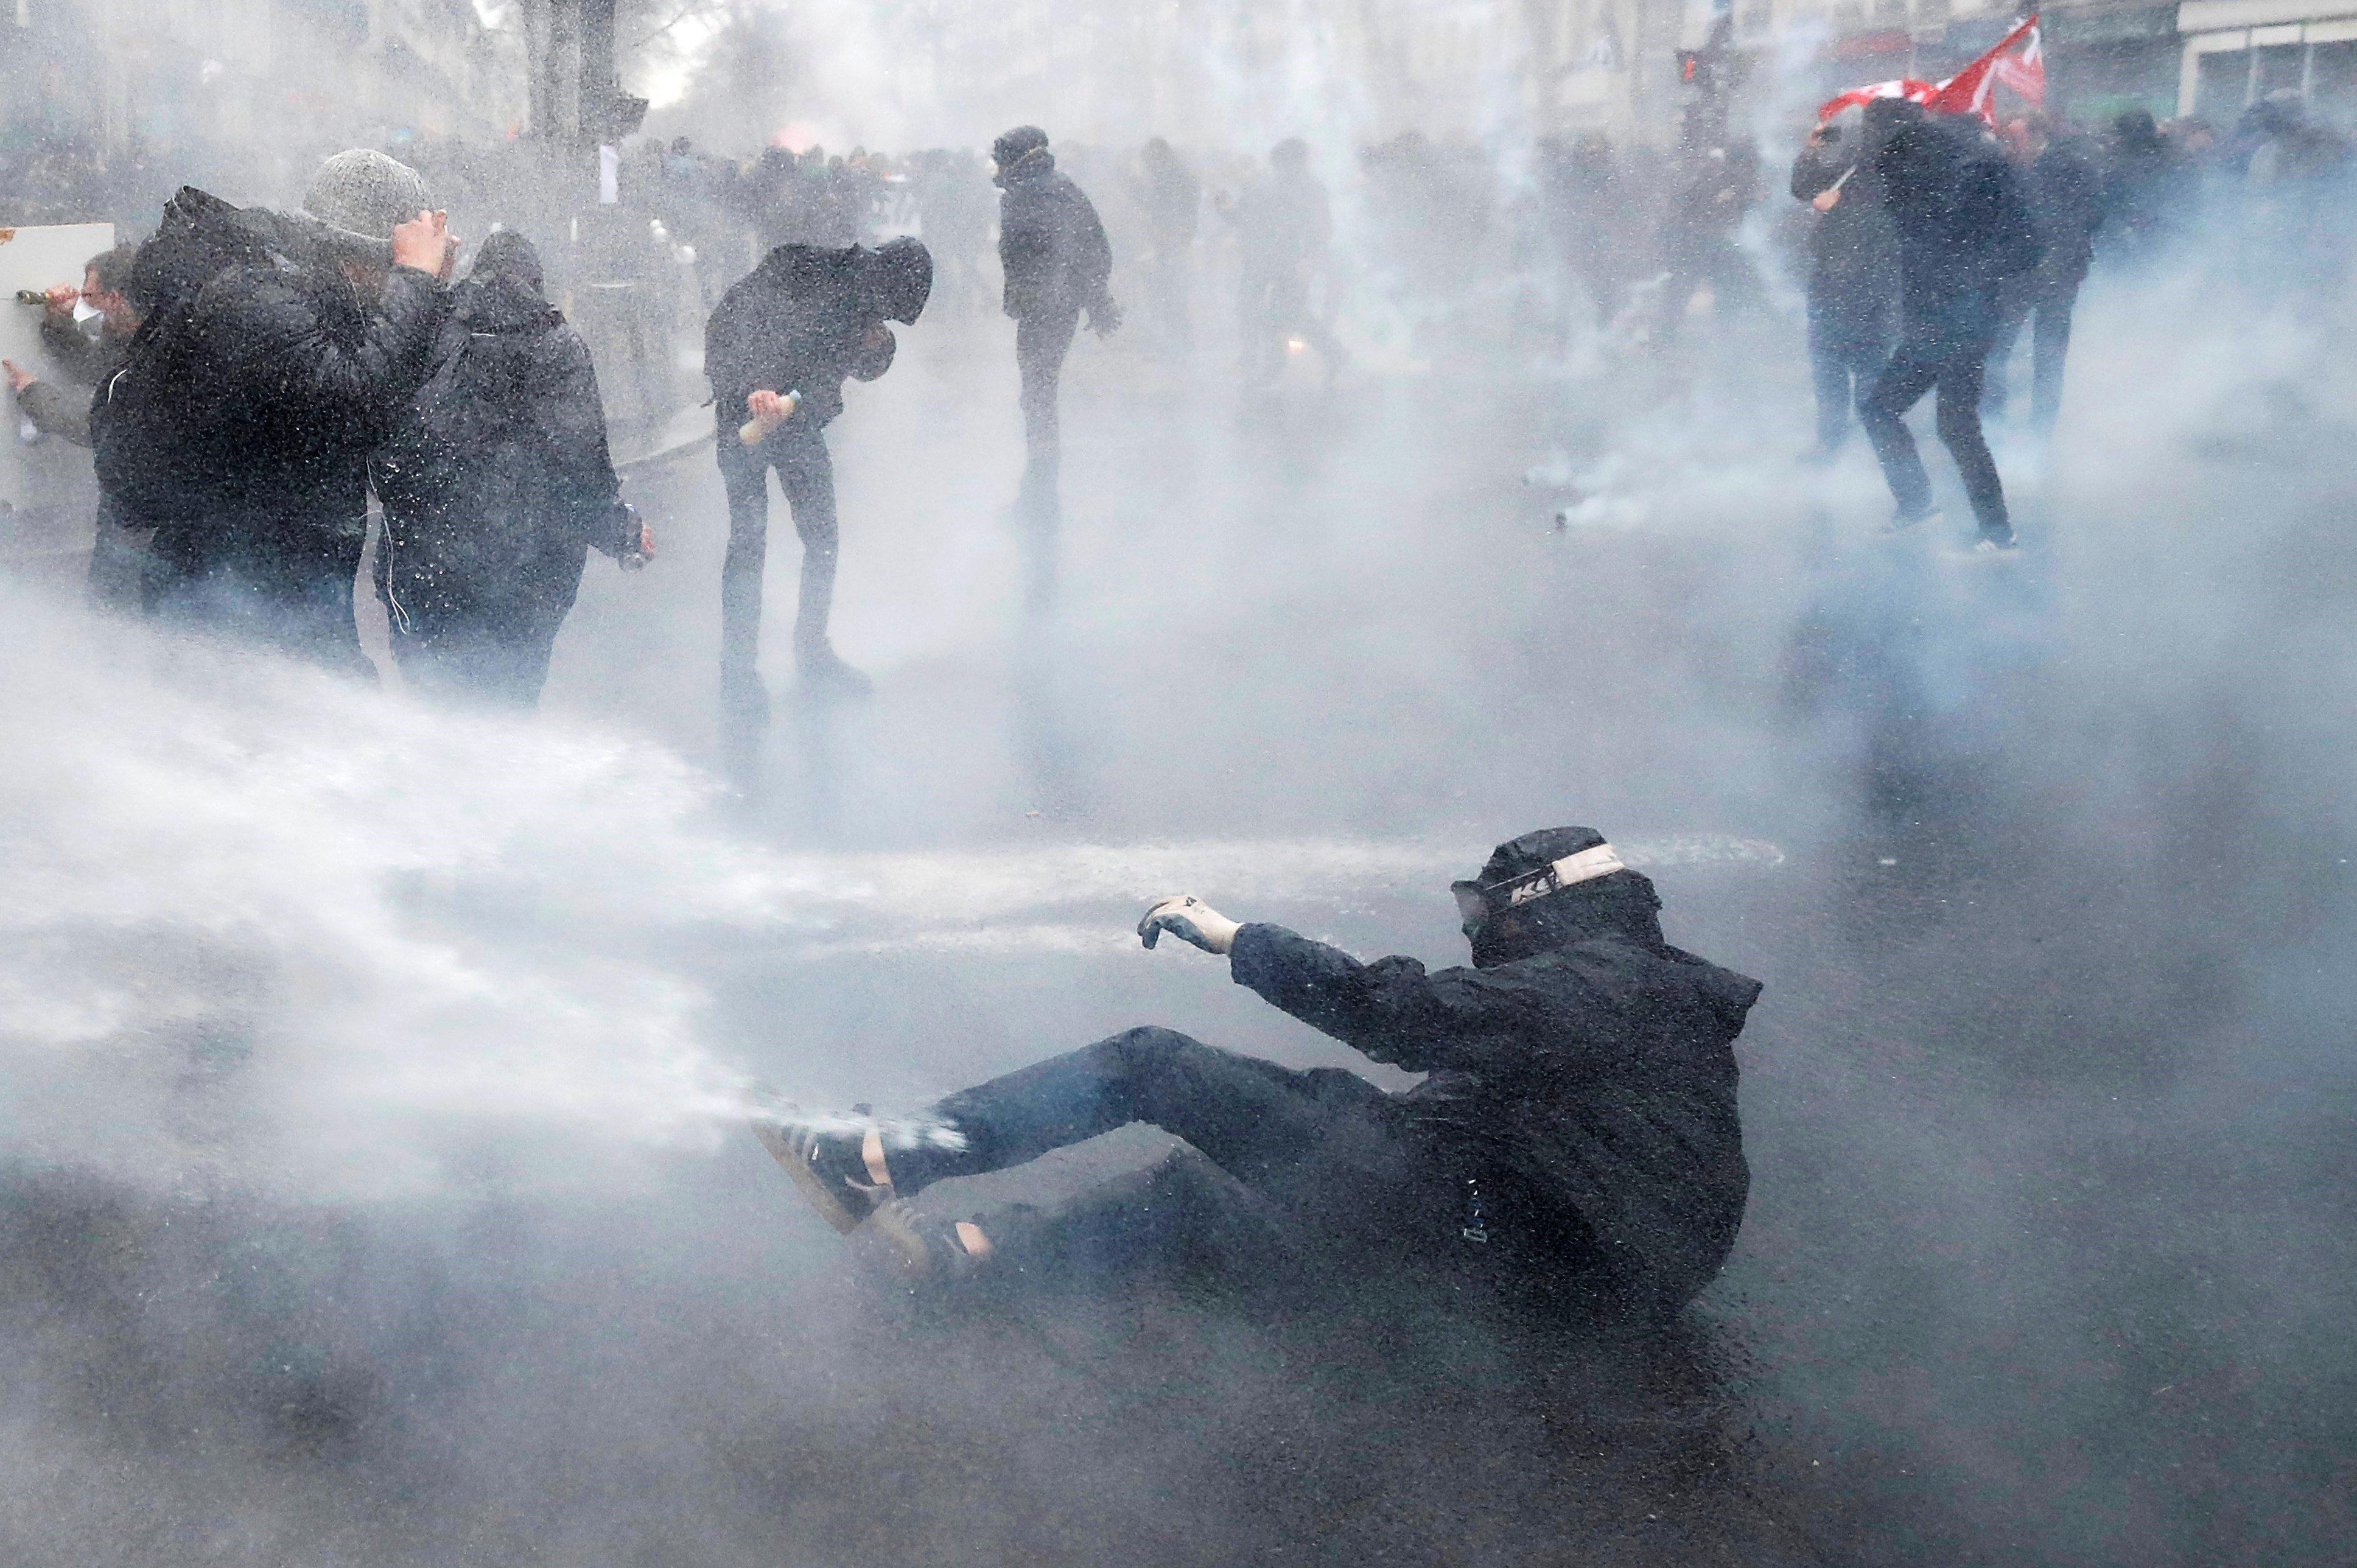 La policia antidisturbis dispersa amb canons d'aigua manifestants durant la vaga general dels serveis públics i transports a París (França). /YOAN VALAT